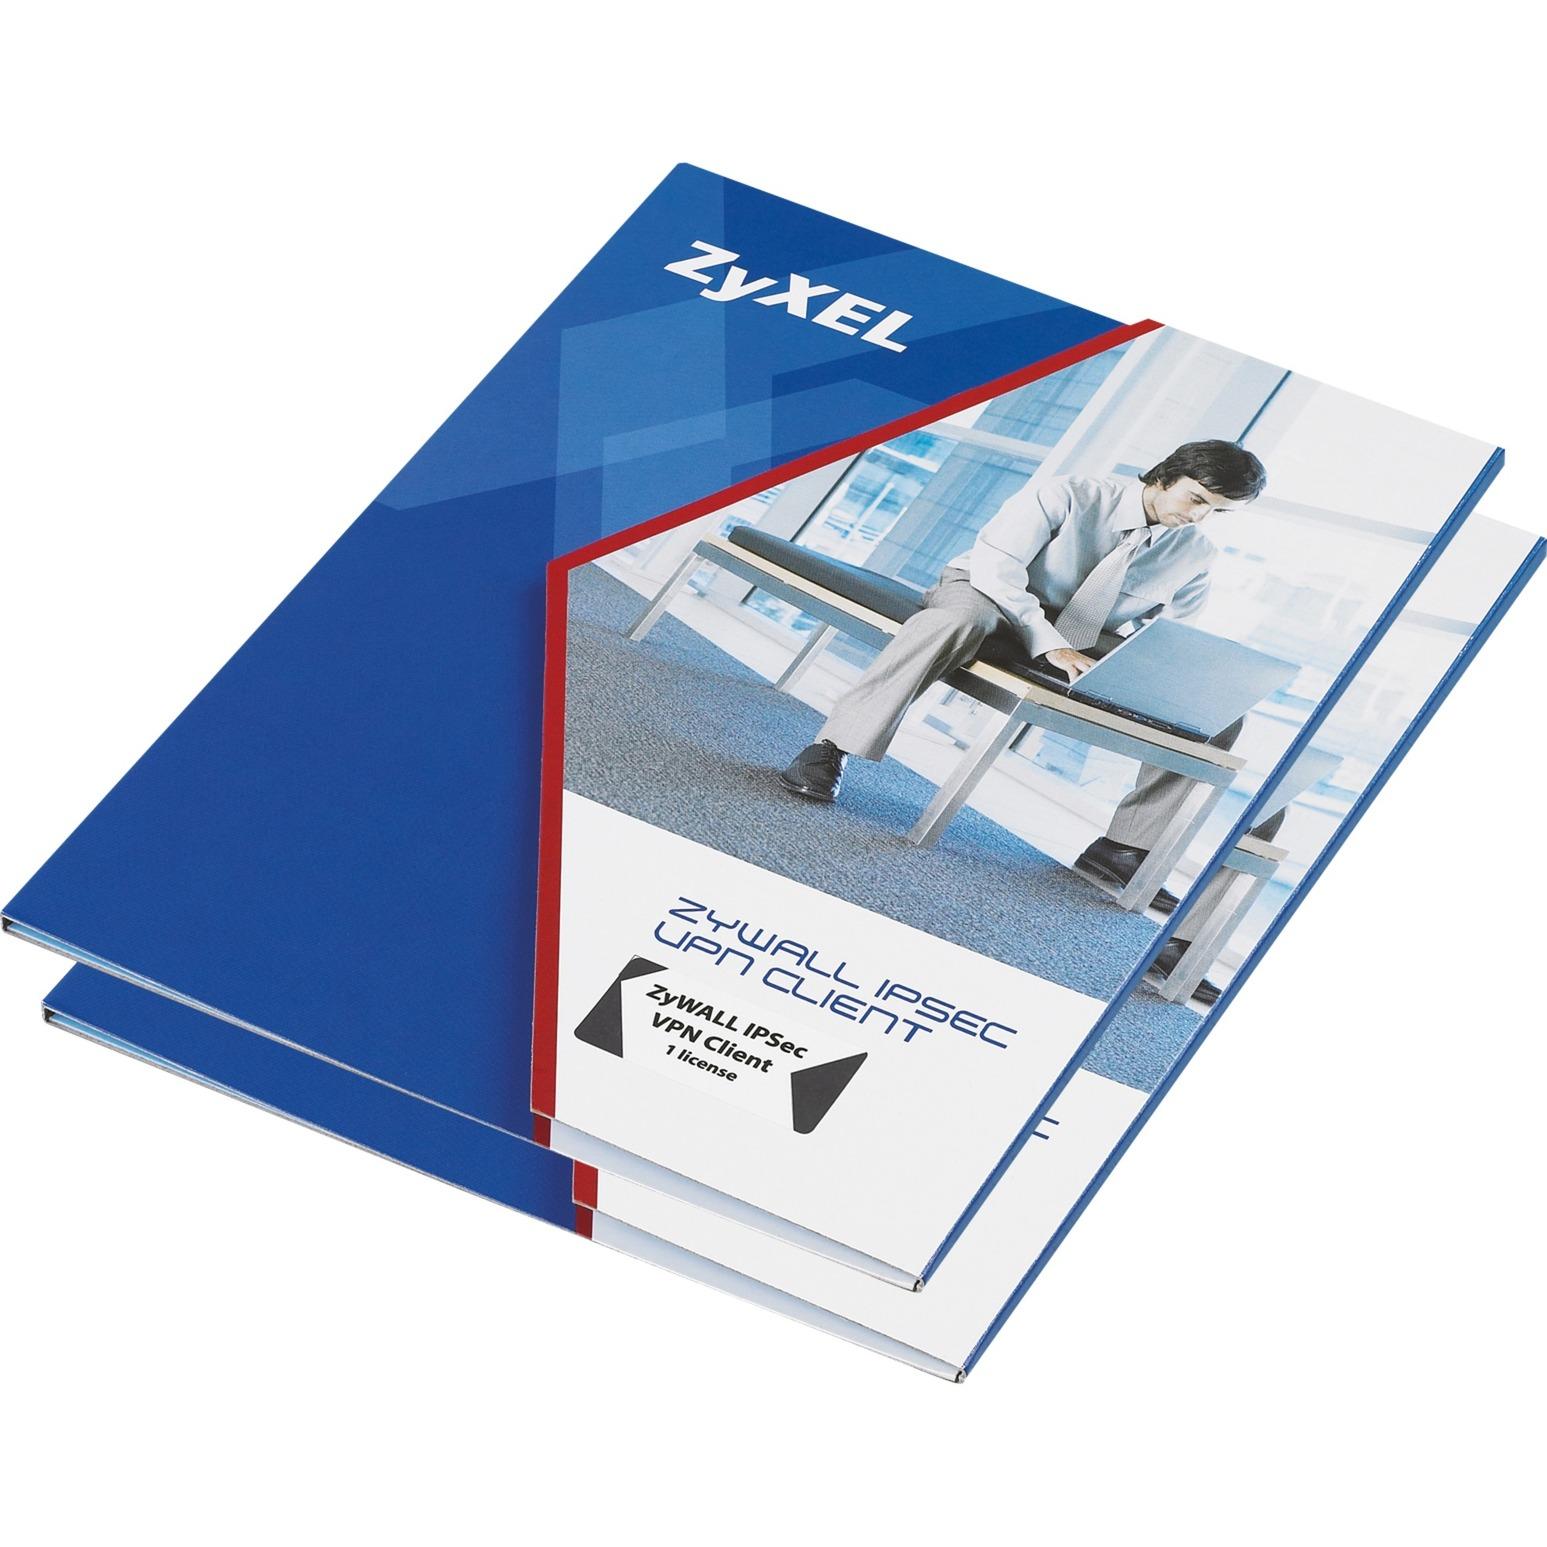 E-iCard licencias y actualizaciones de software